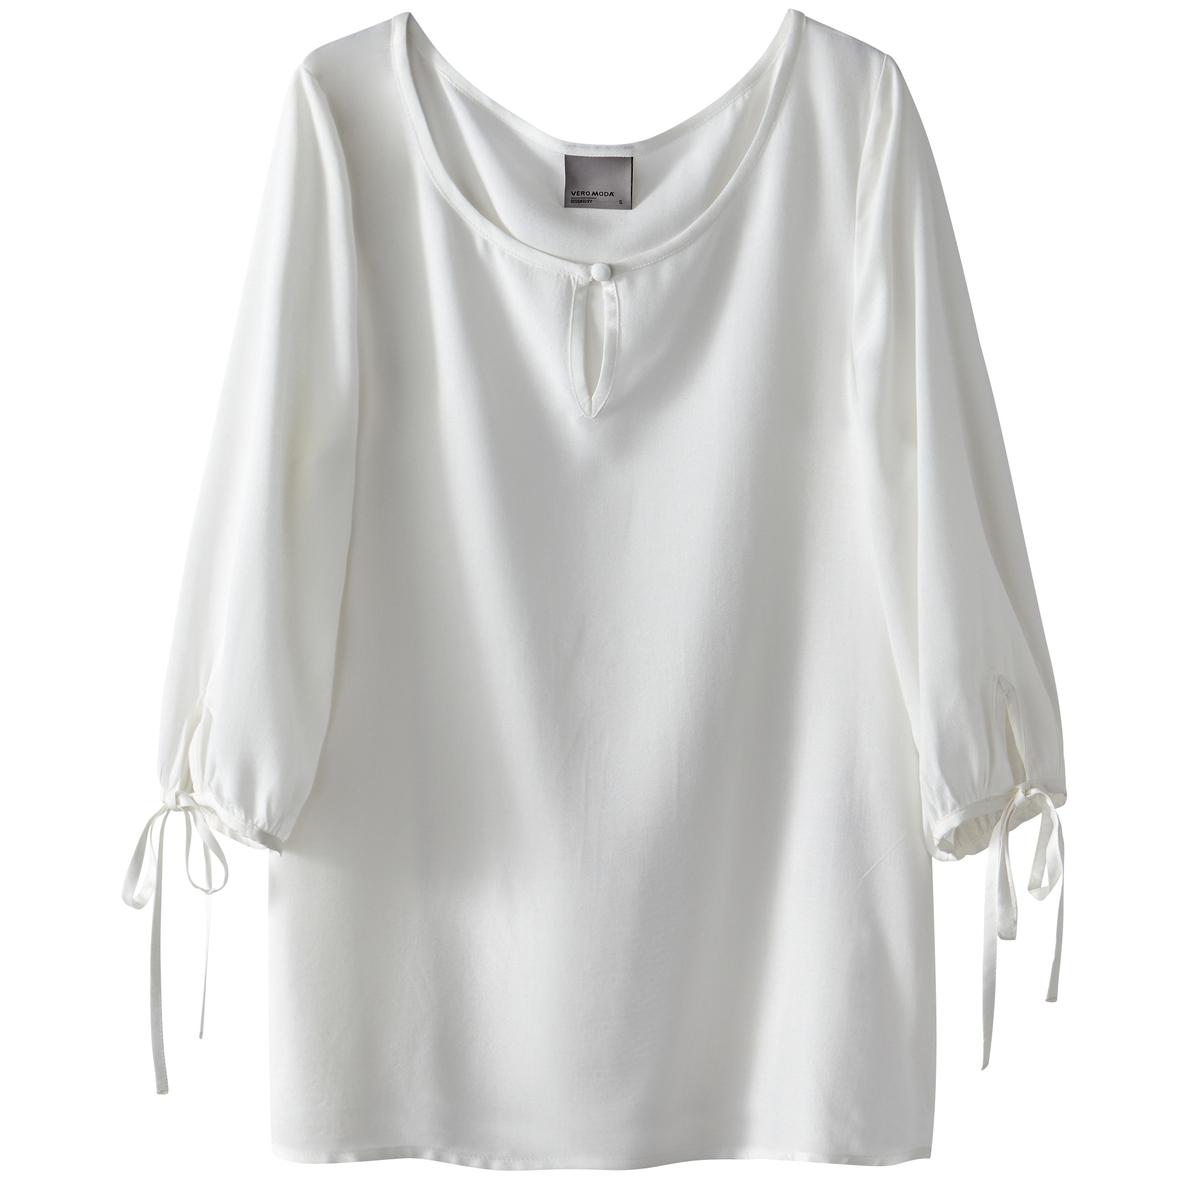 Блузка с рукавами 3/4Материал : 100% вискоза   Длина рукава : рукава 3/4 Форма воротника : круглый вырез Длина блузки: стандартная  Рисунок : однотонная модель Особенность материала :<br><br>Цвет: белый,черный